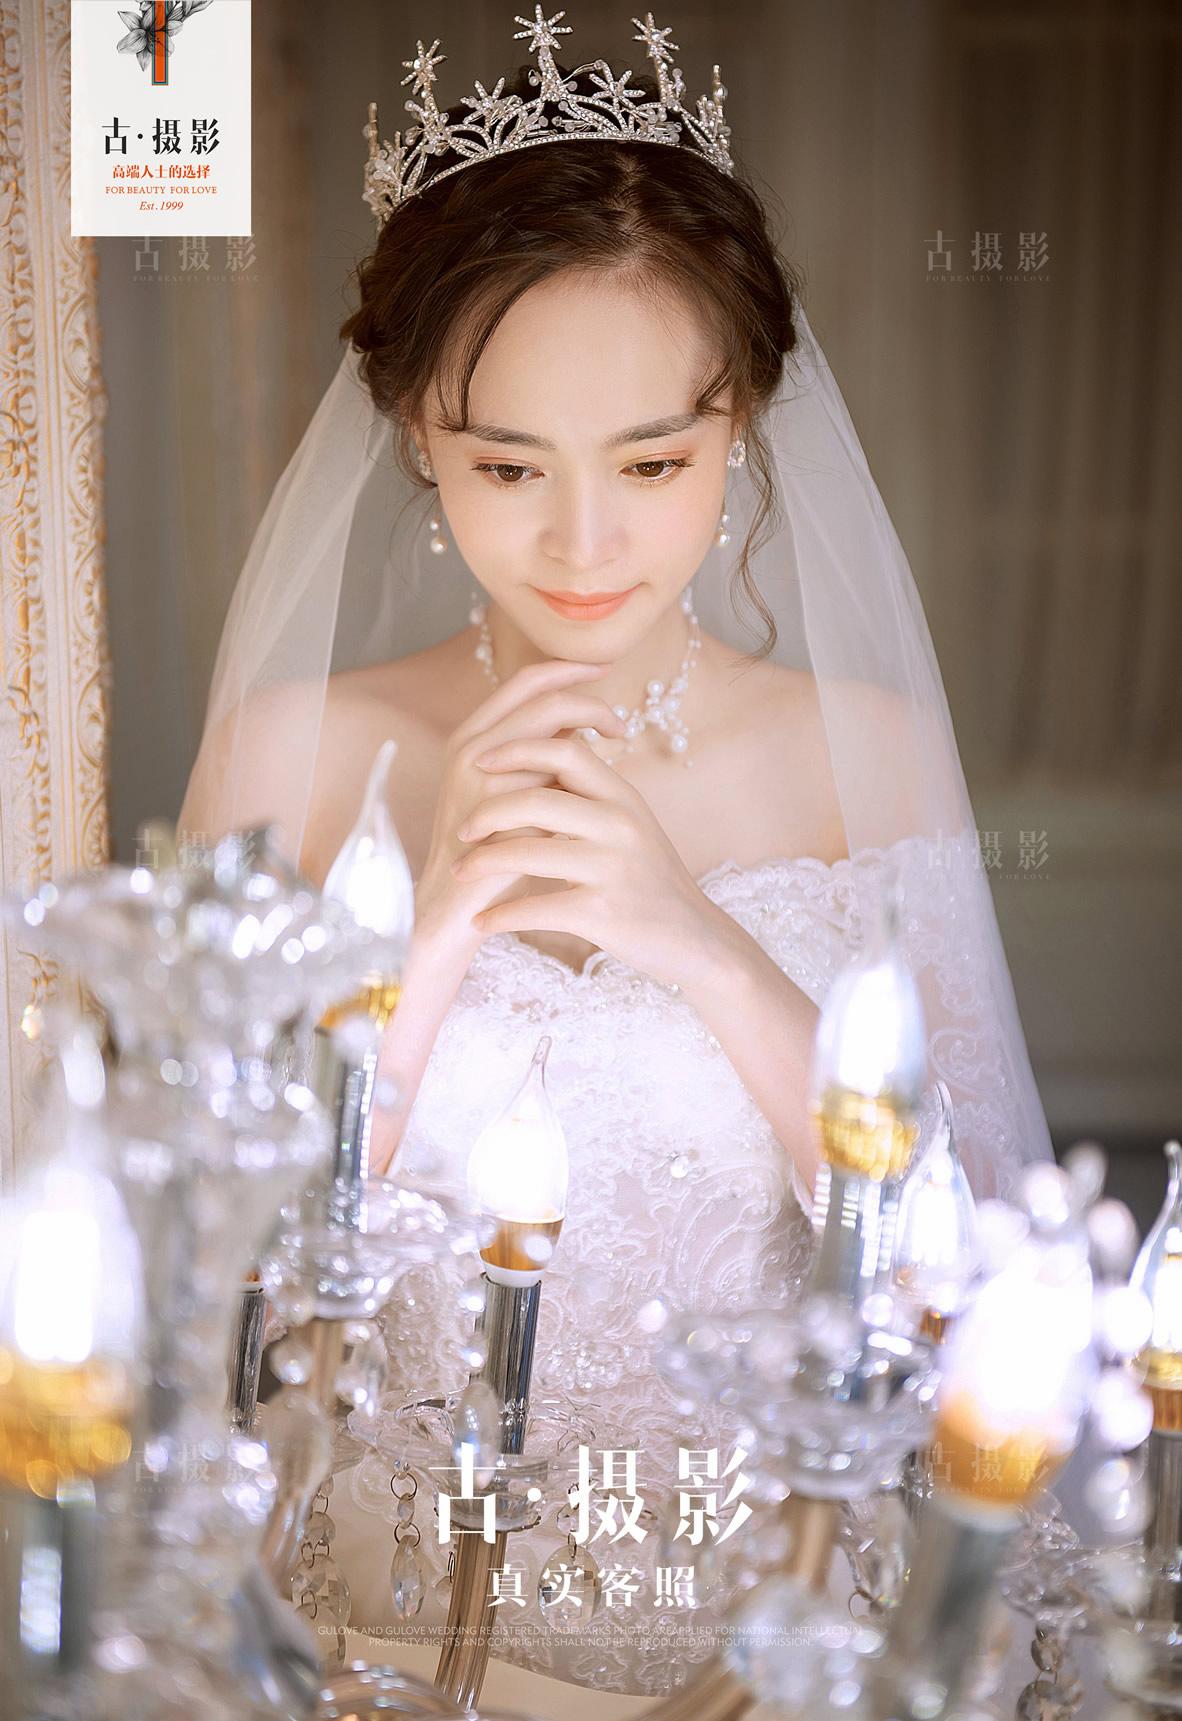 9月18日客片栾先生 刘小姐 - 每日客照 - 古摄影婚纱艺术-古摄影成都婚纱摄影艺术摄影网